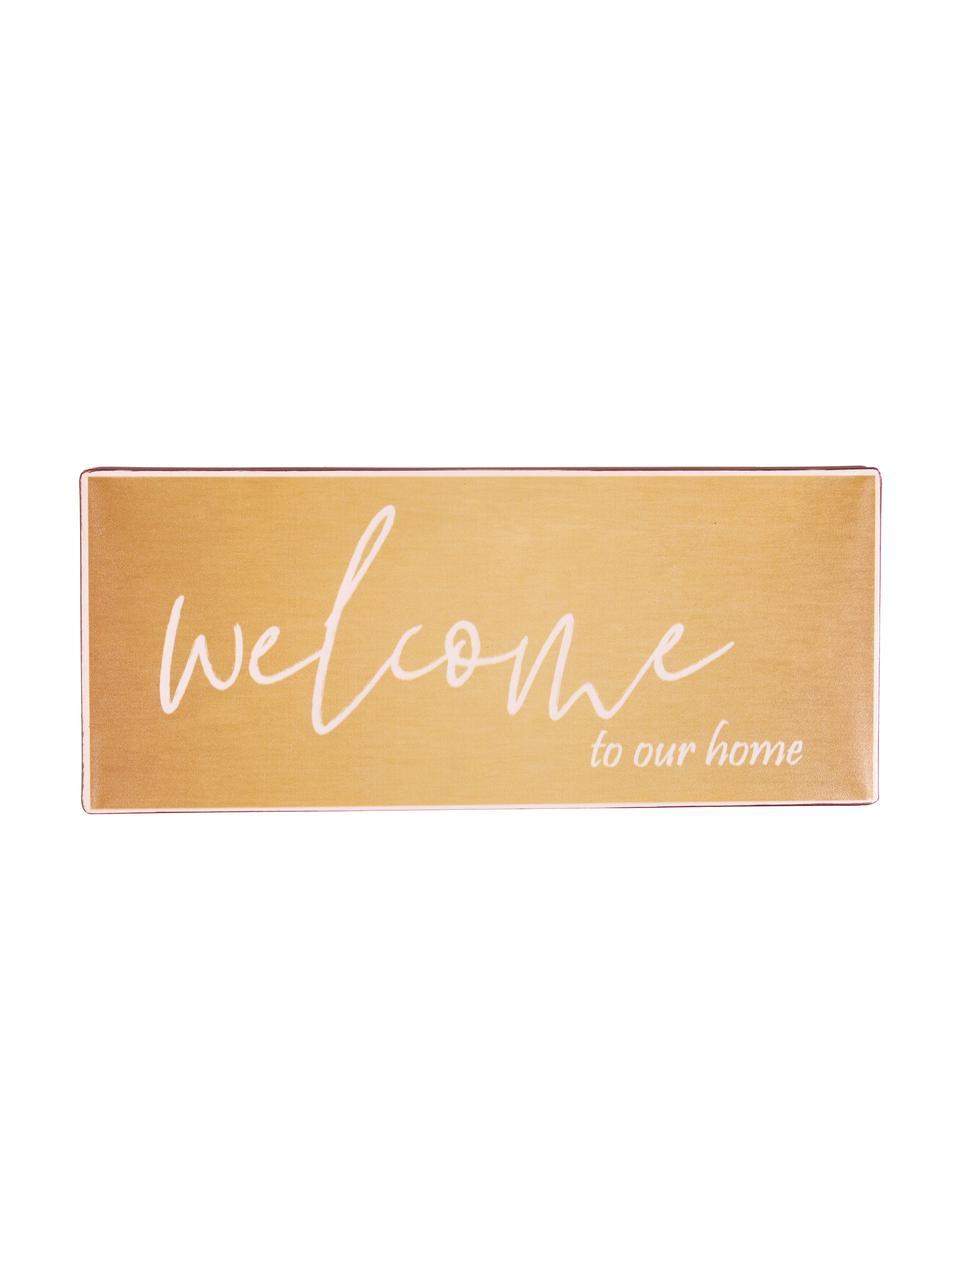 Wandschild Welcome to our home, Metall, beschichtet, Orange, Weiß, 31 x 13 cm